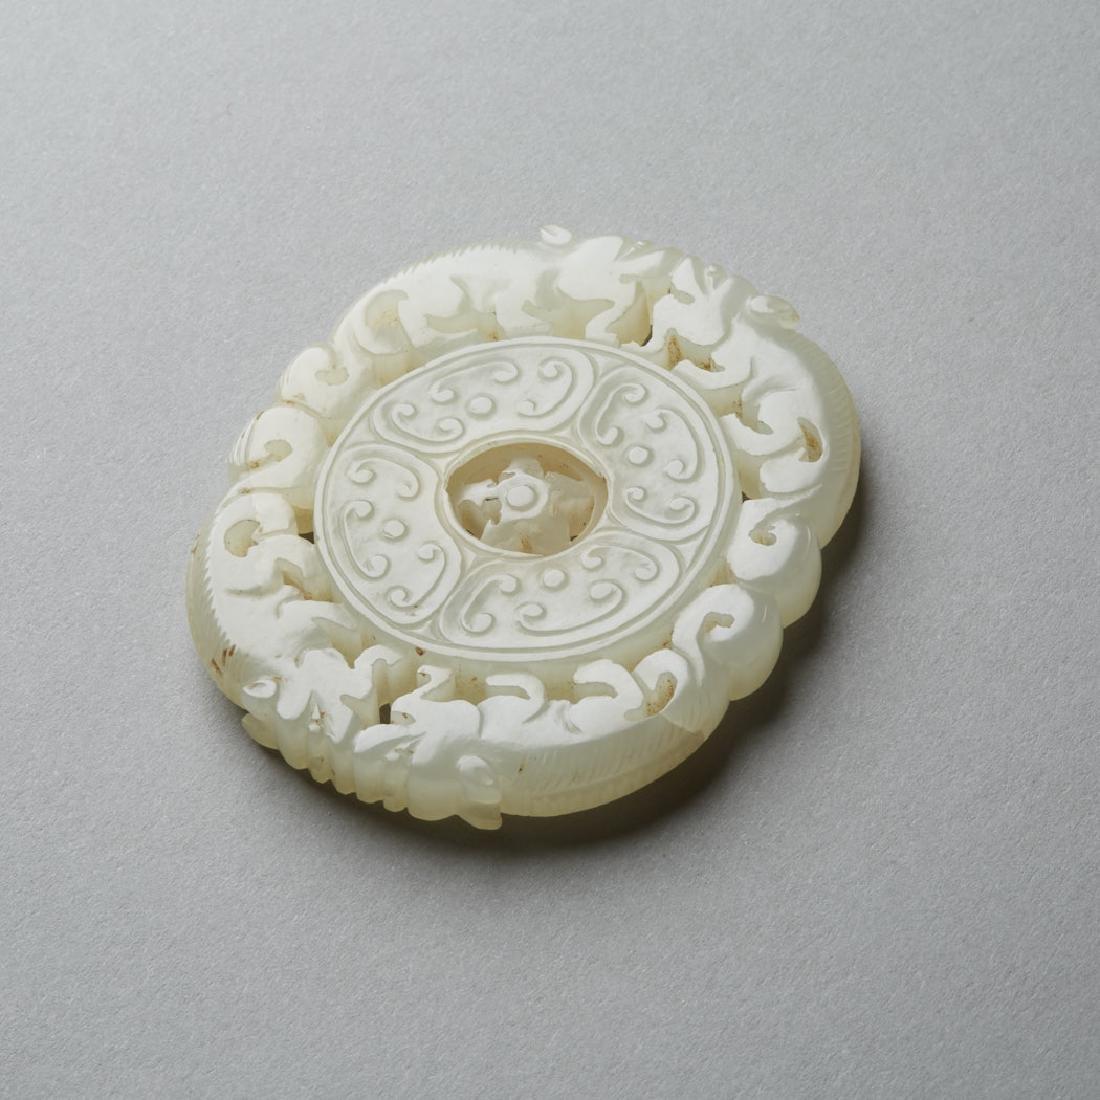 Chinese Qing Jade Buddhist Prayer Wheel Bi - BTC Acpt - 3